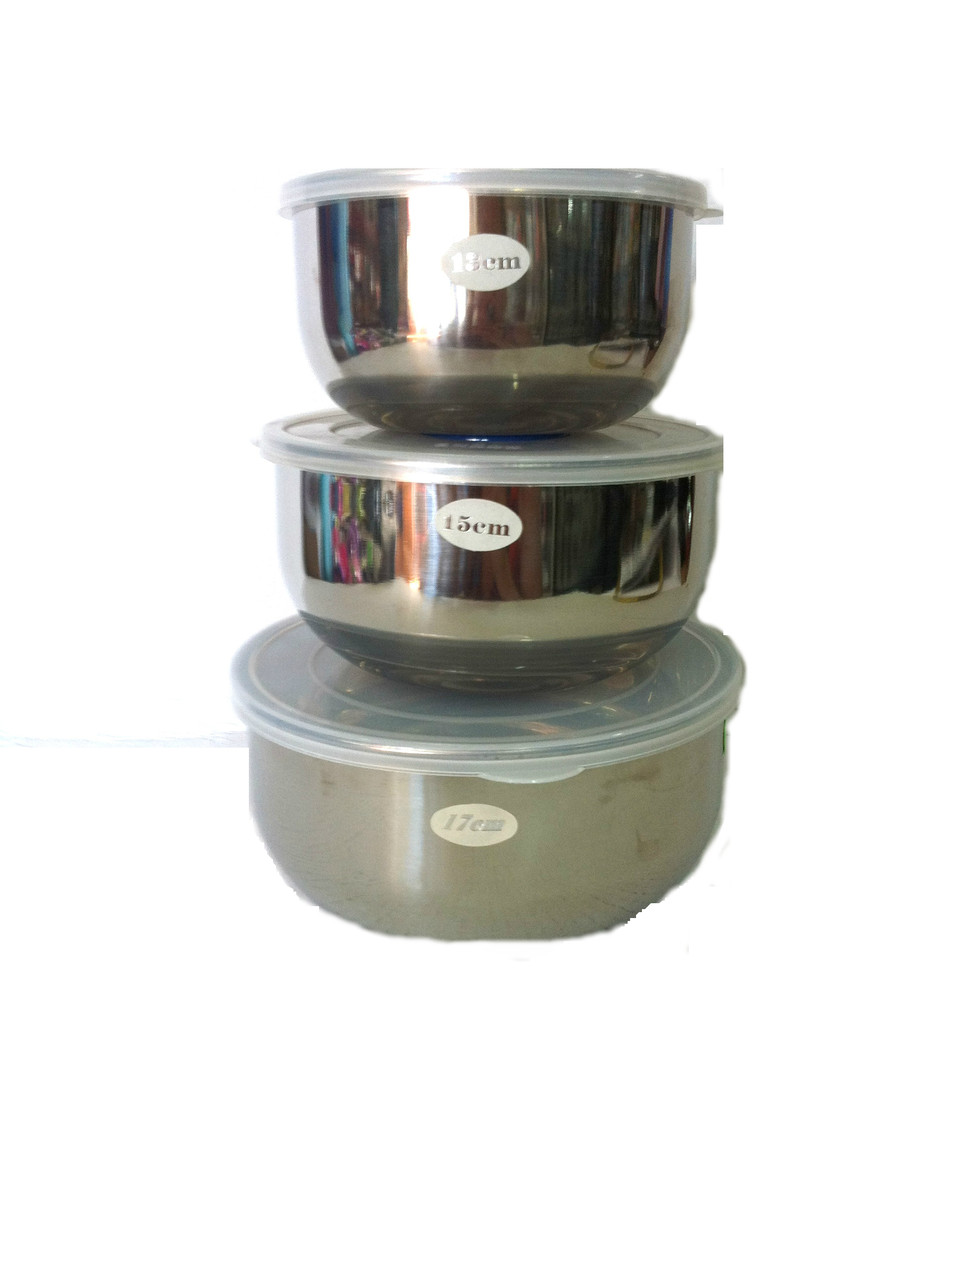 Набір судків 3шт, діаметр 17,15,13 см із нержавіючої сталі